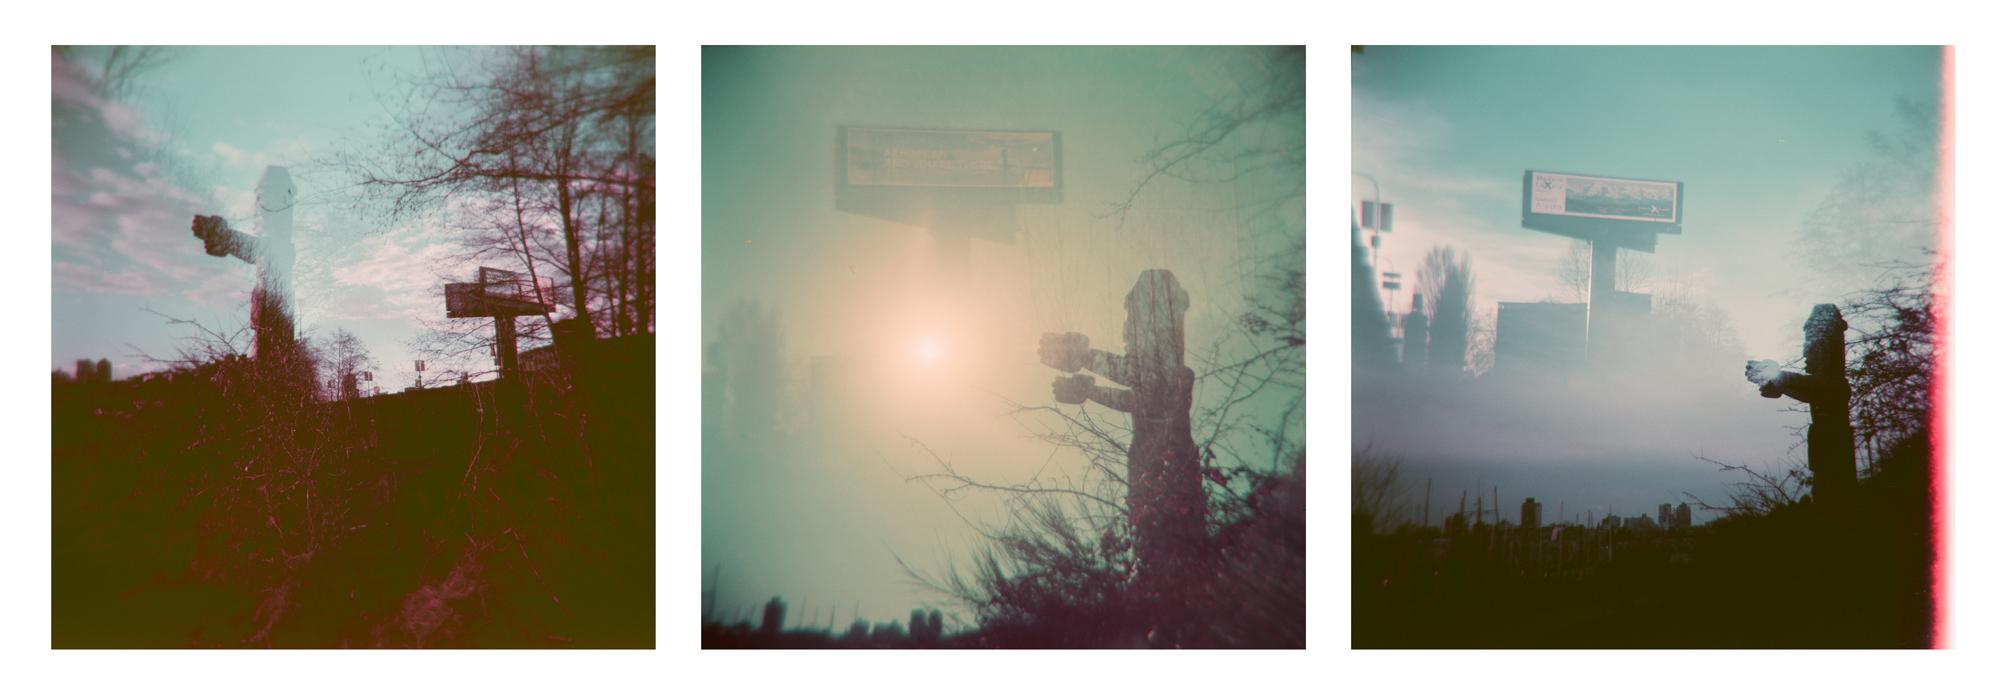 Poles-BillboardTriptych2